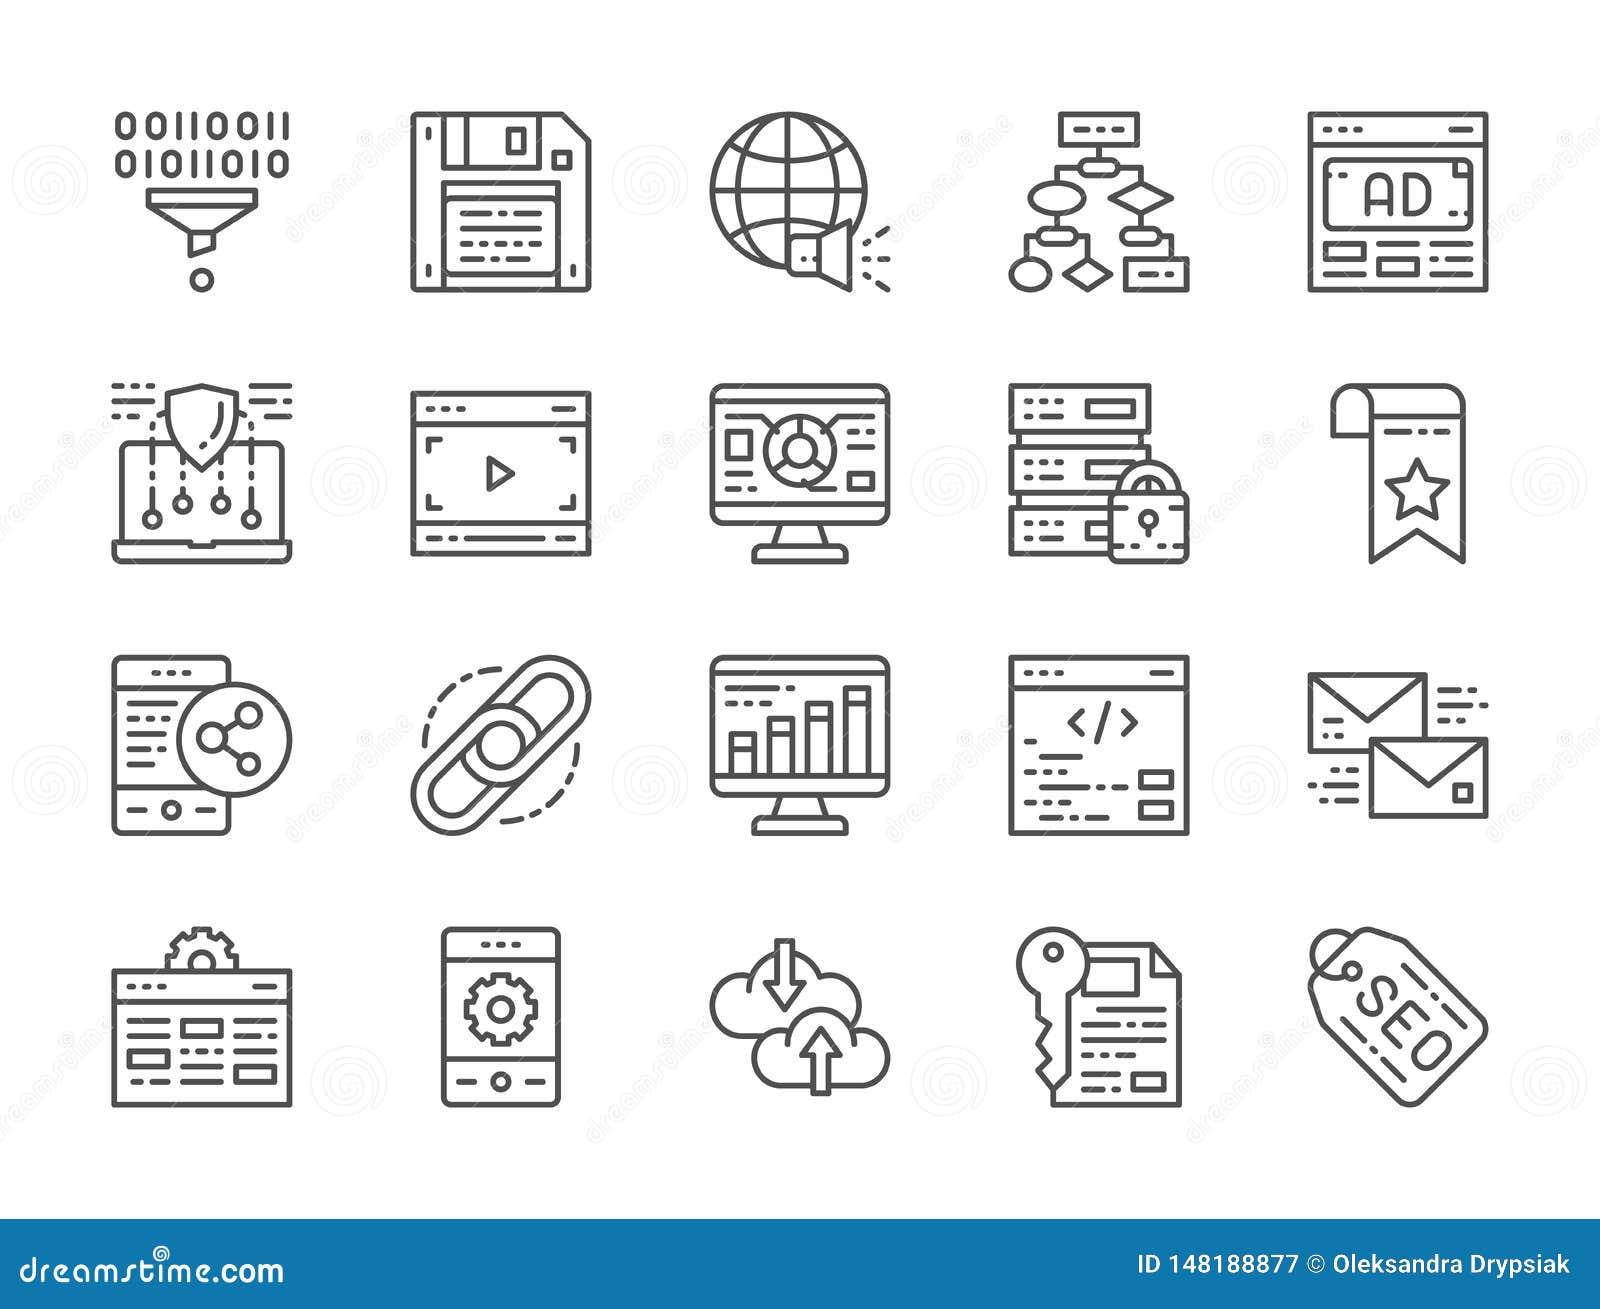 Σύνολο εικονιδίων γραμμών SEO και μάρκετινγκ Φιλοξενία, σελιδοδείκτης, σύνδεσμος υπερ-κειμένου και περισσότεροι